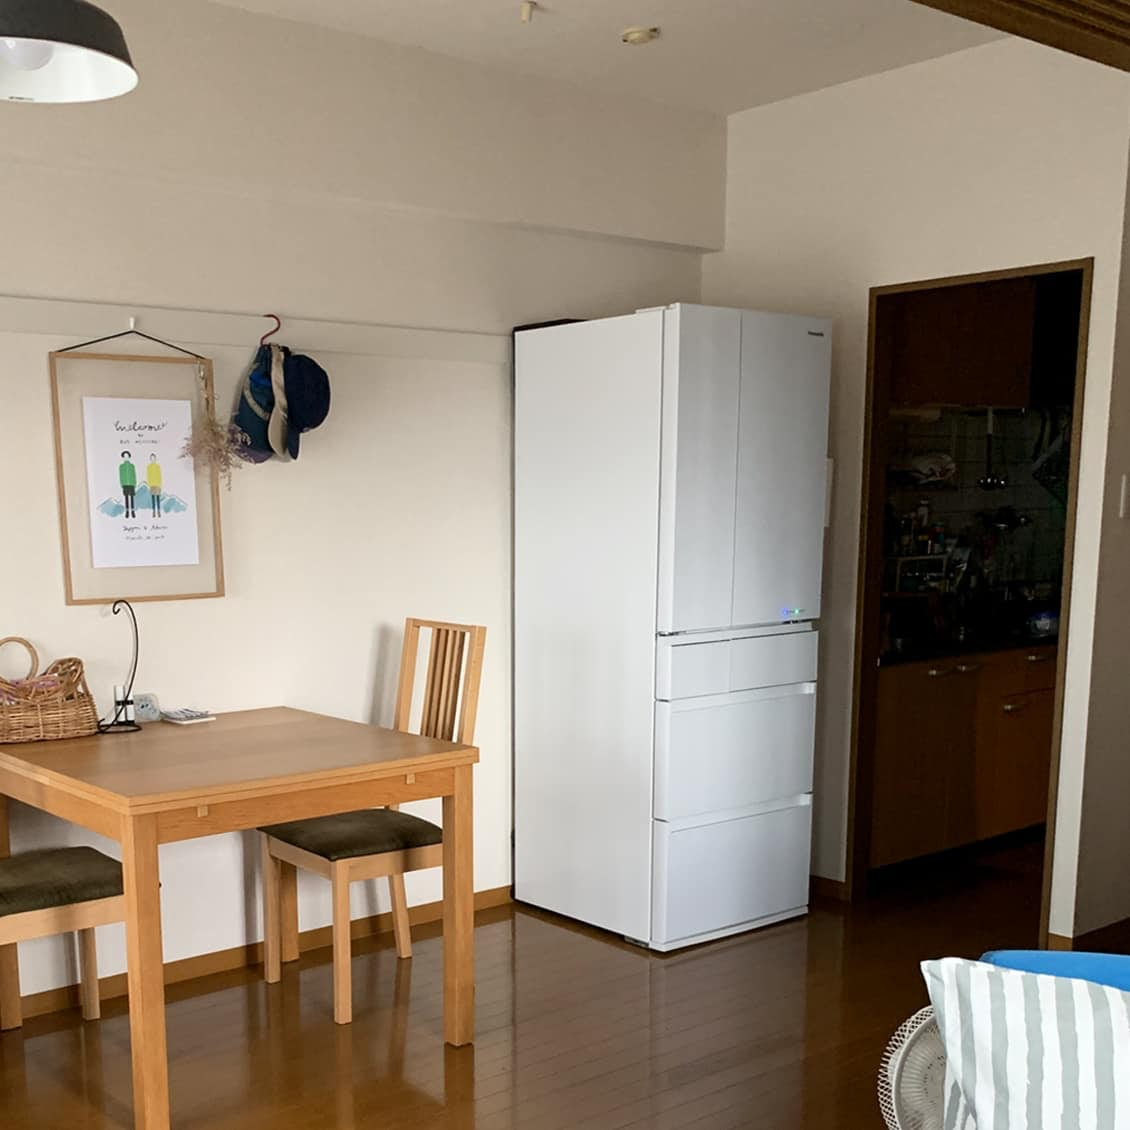 【バイヤーのコラム】新しい冷蔵庫。我が家のリビングにやってきた!